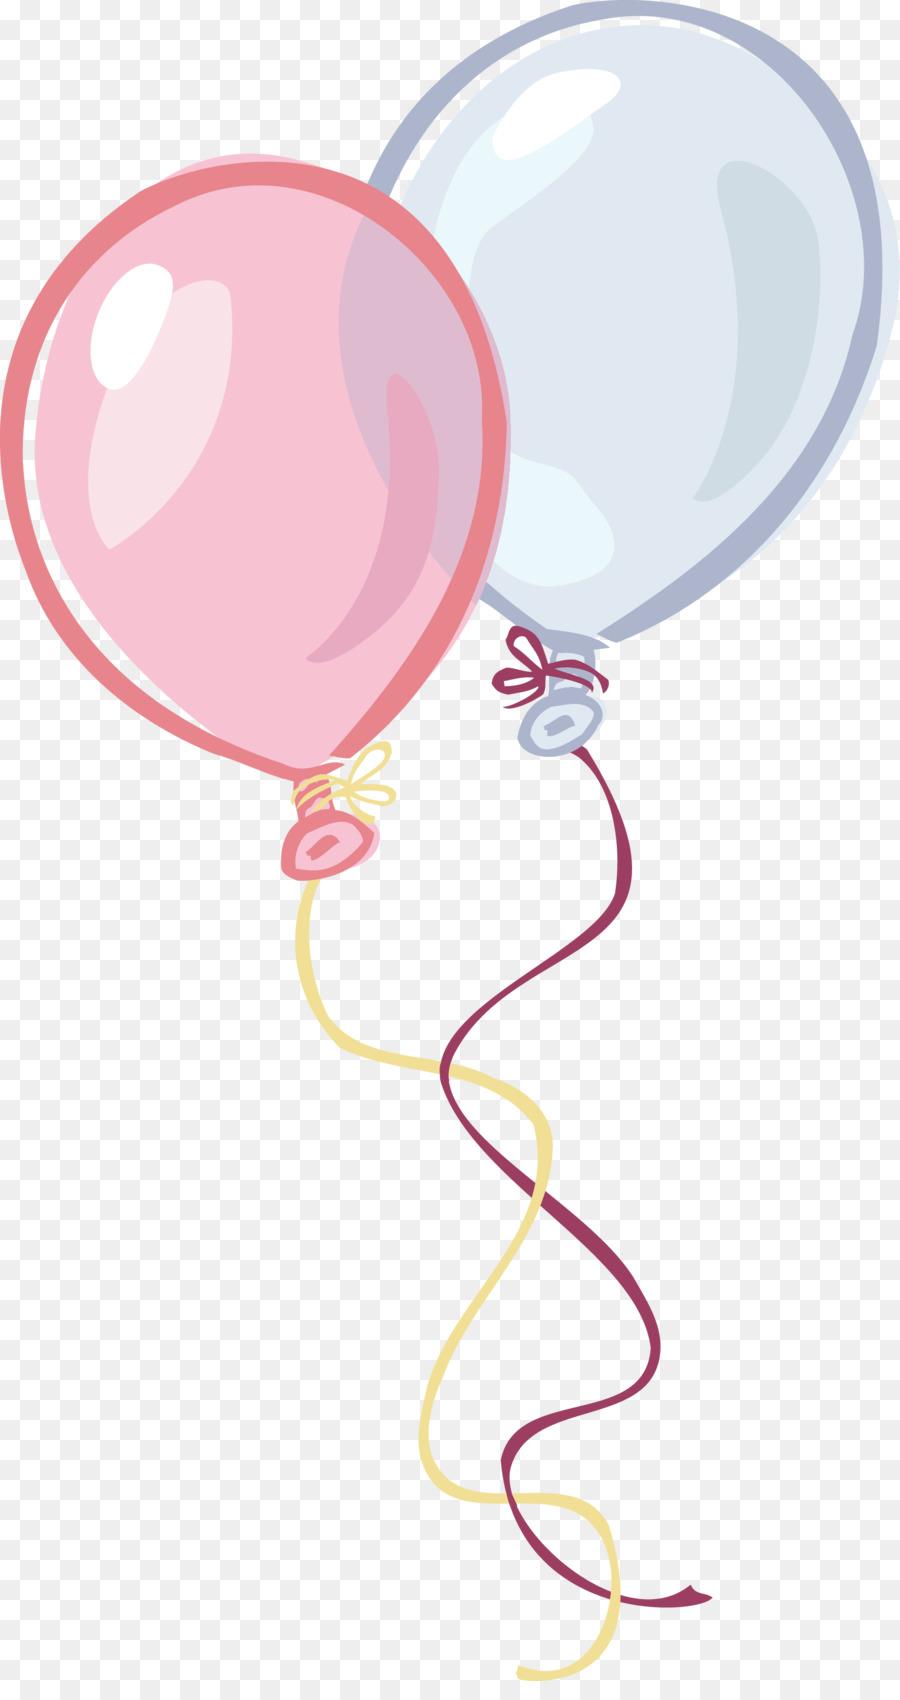 Balon, Ulang Tahun, Pesta gambar png.